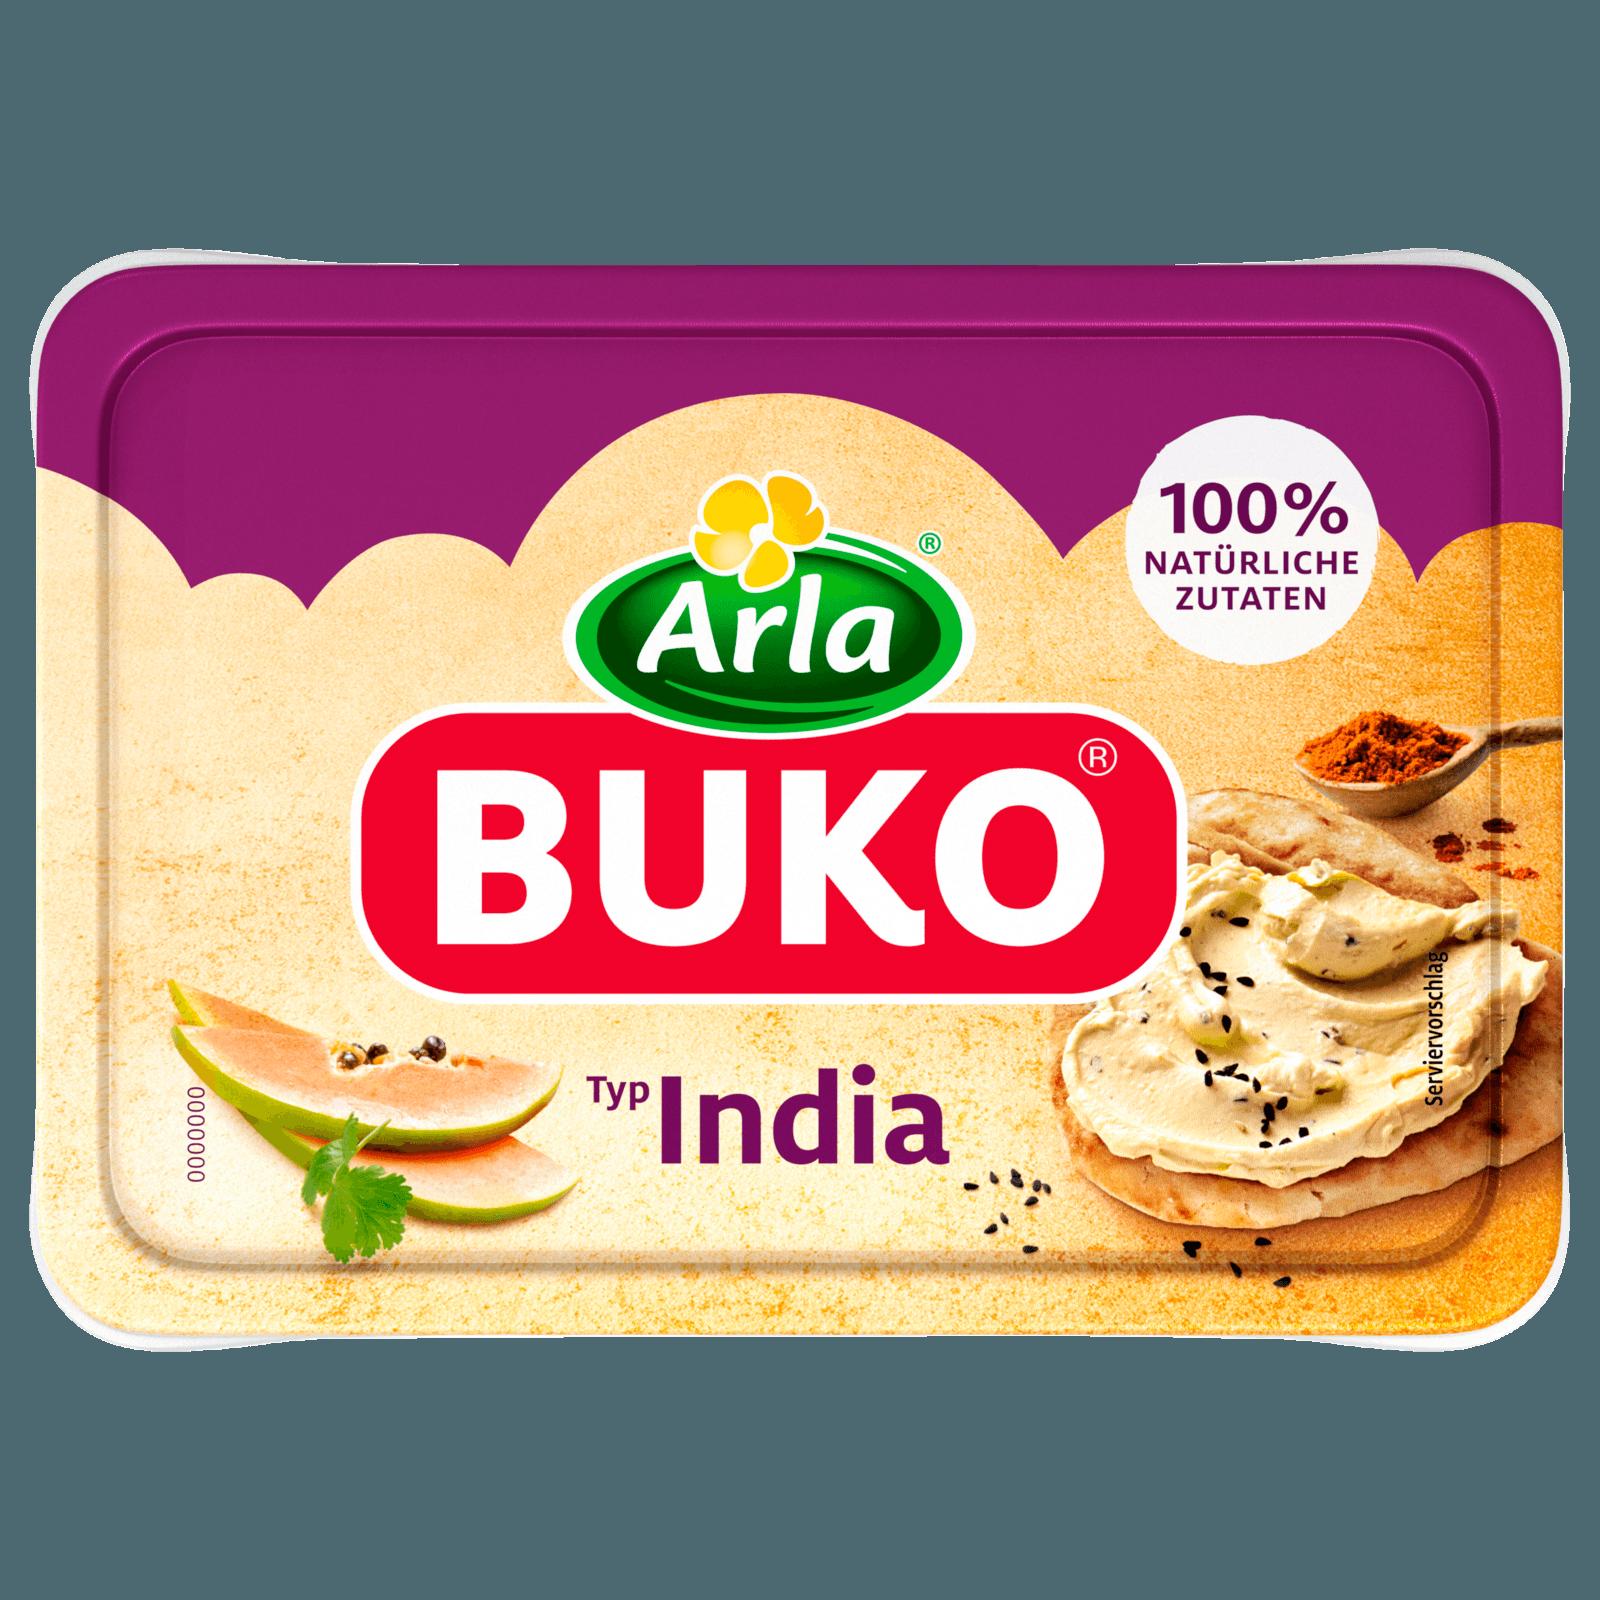 Arla Buko India 200g bei REWE online bestellen! REWE.de